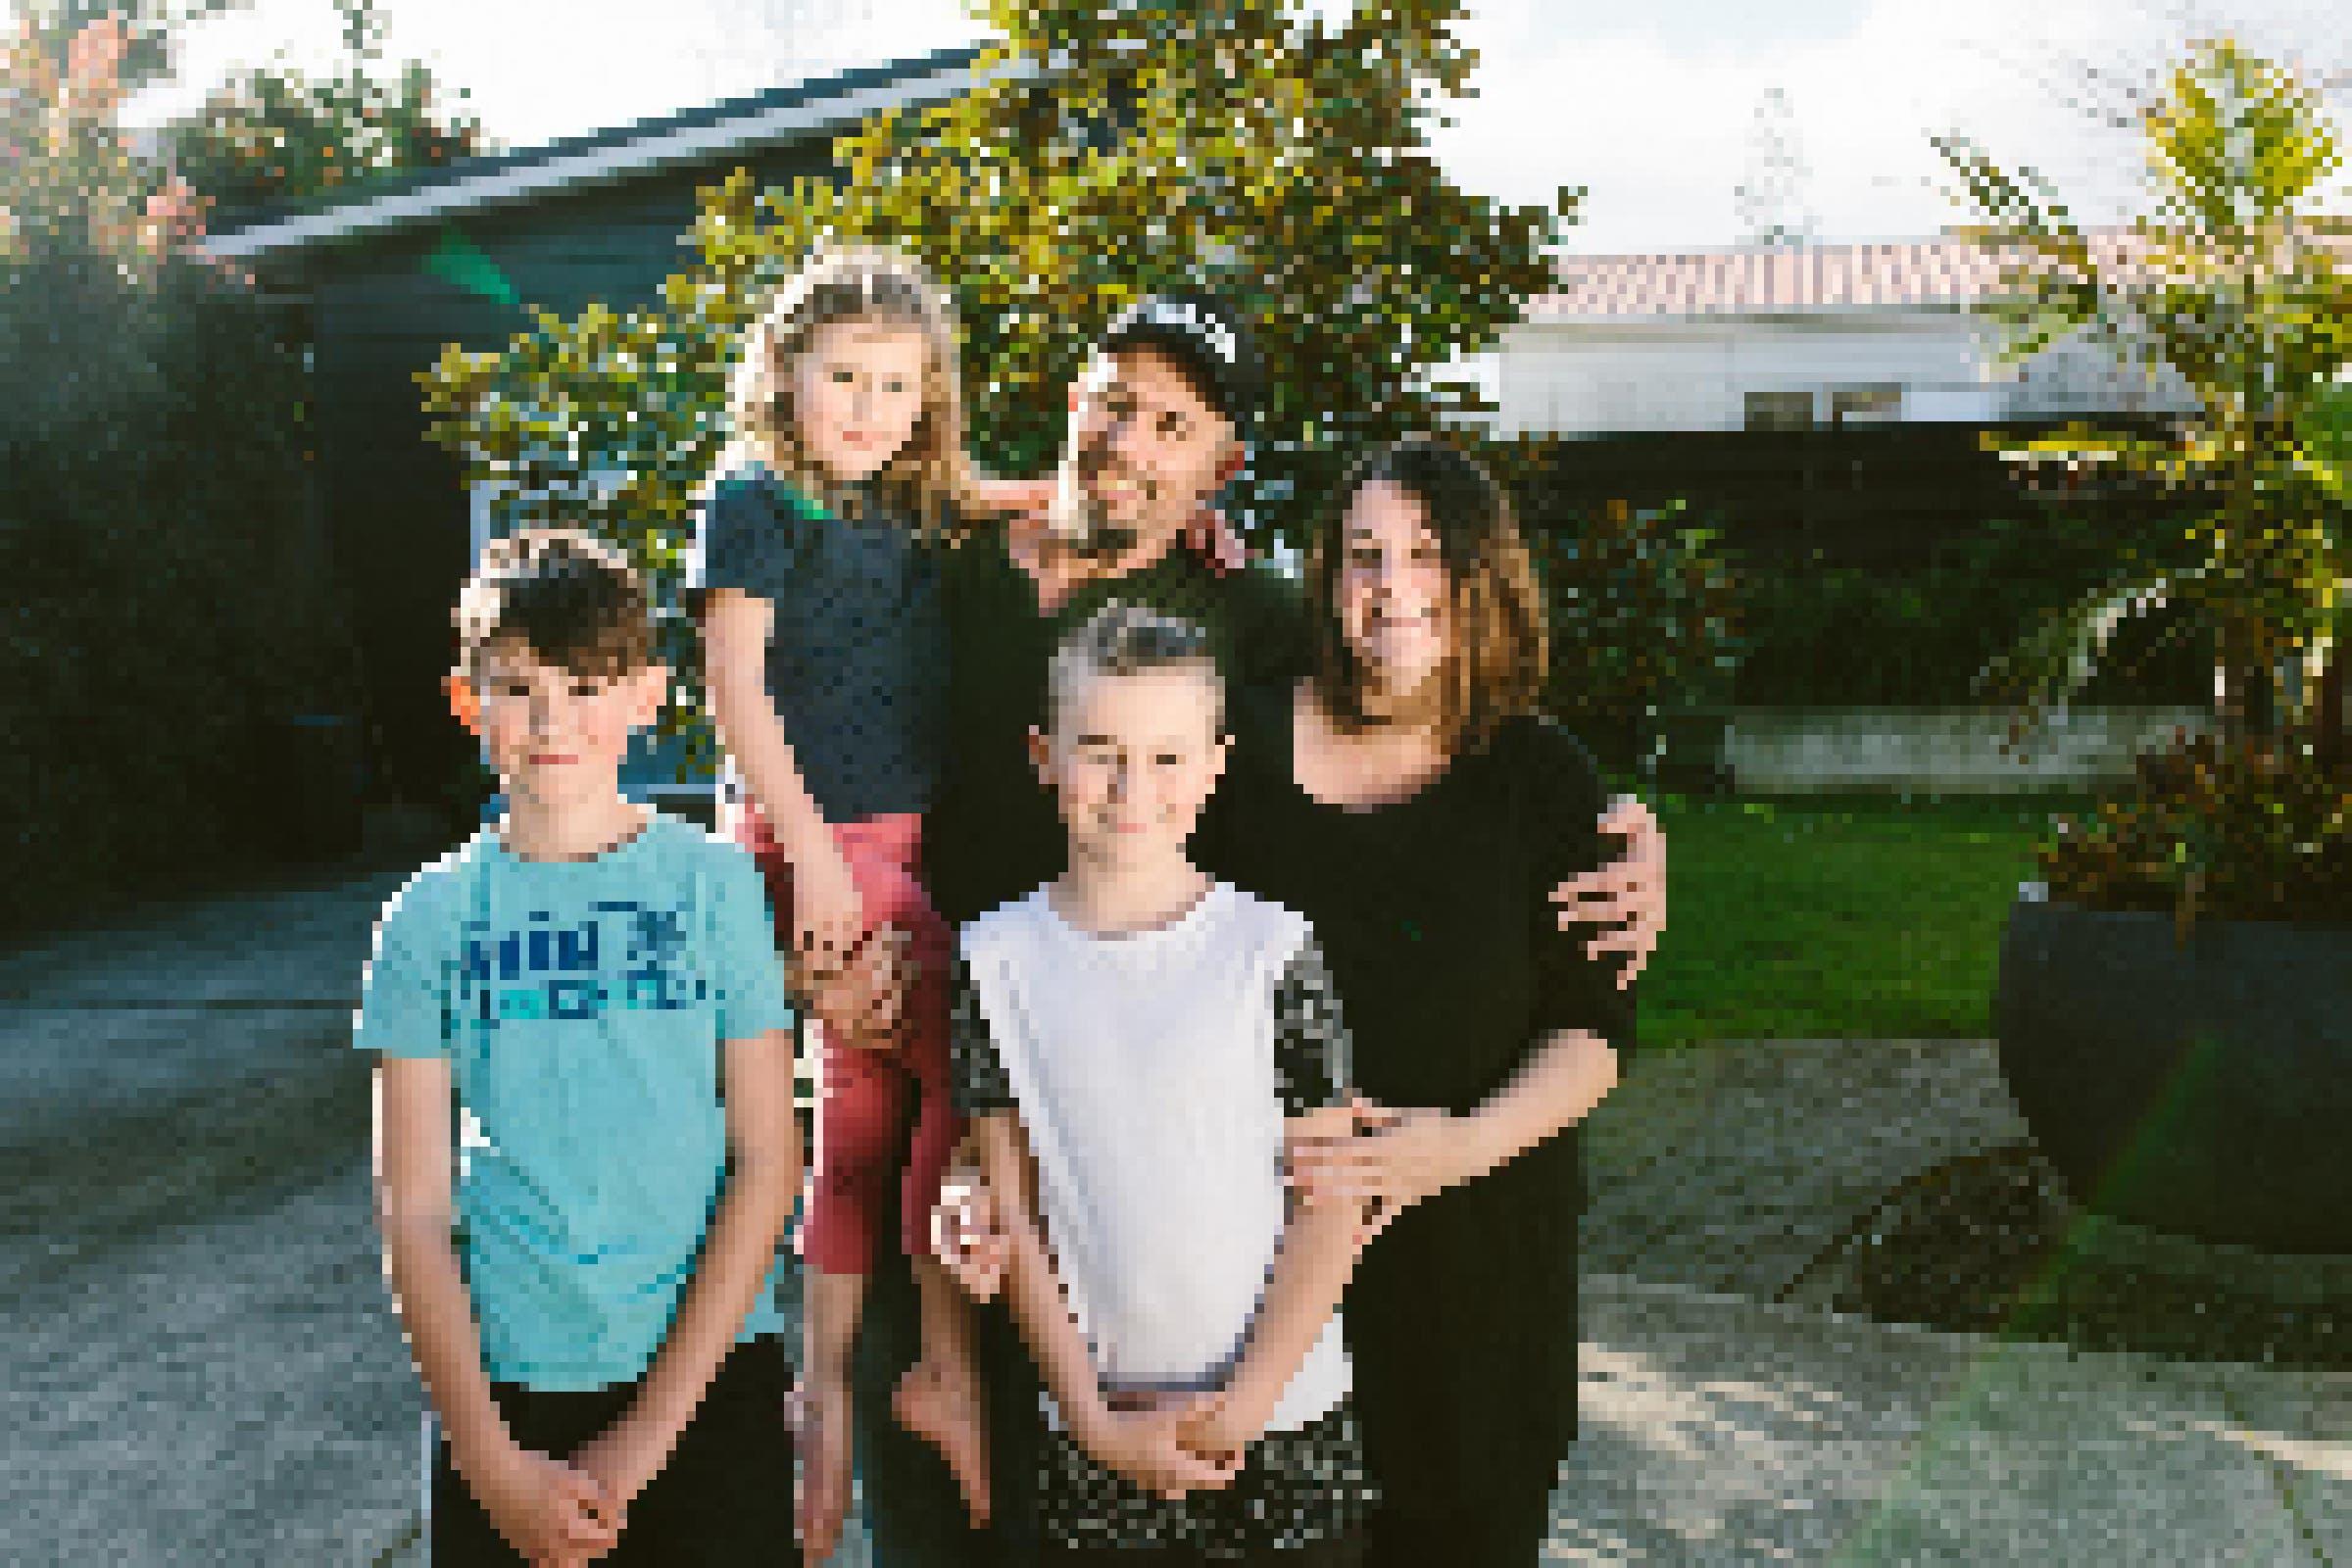 Home foundation AUG21 0598 2